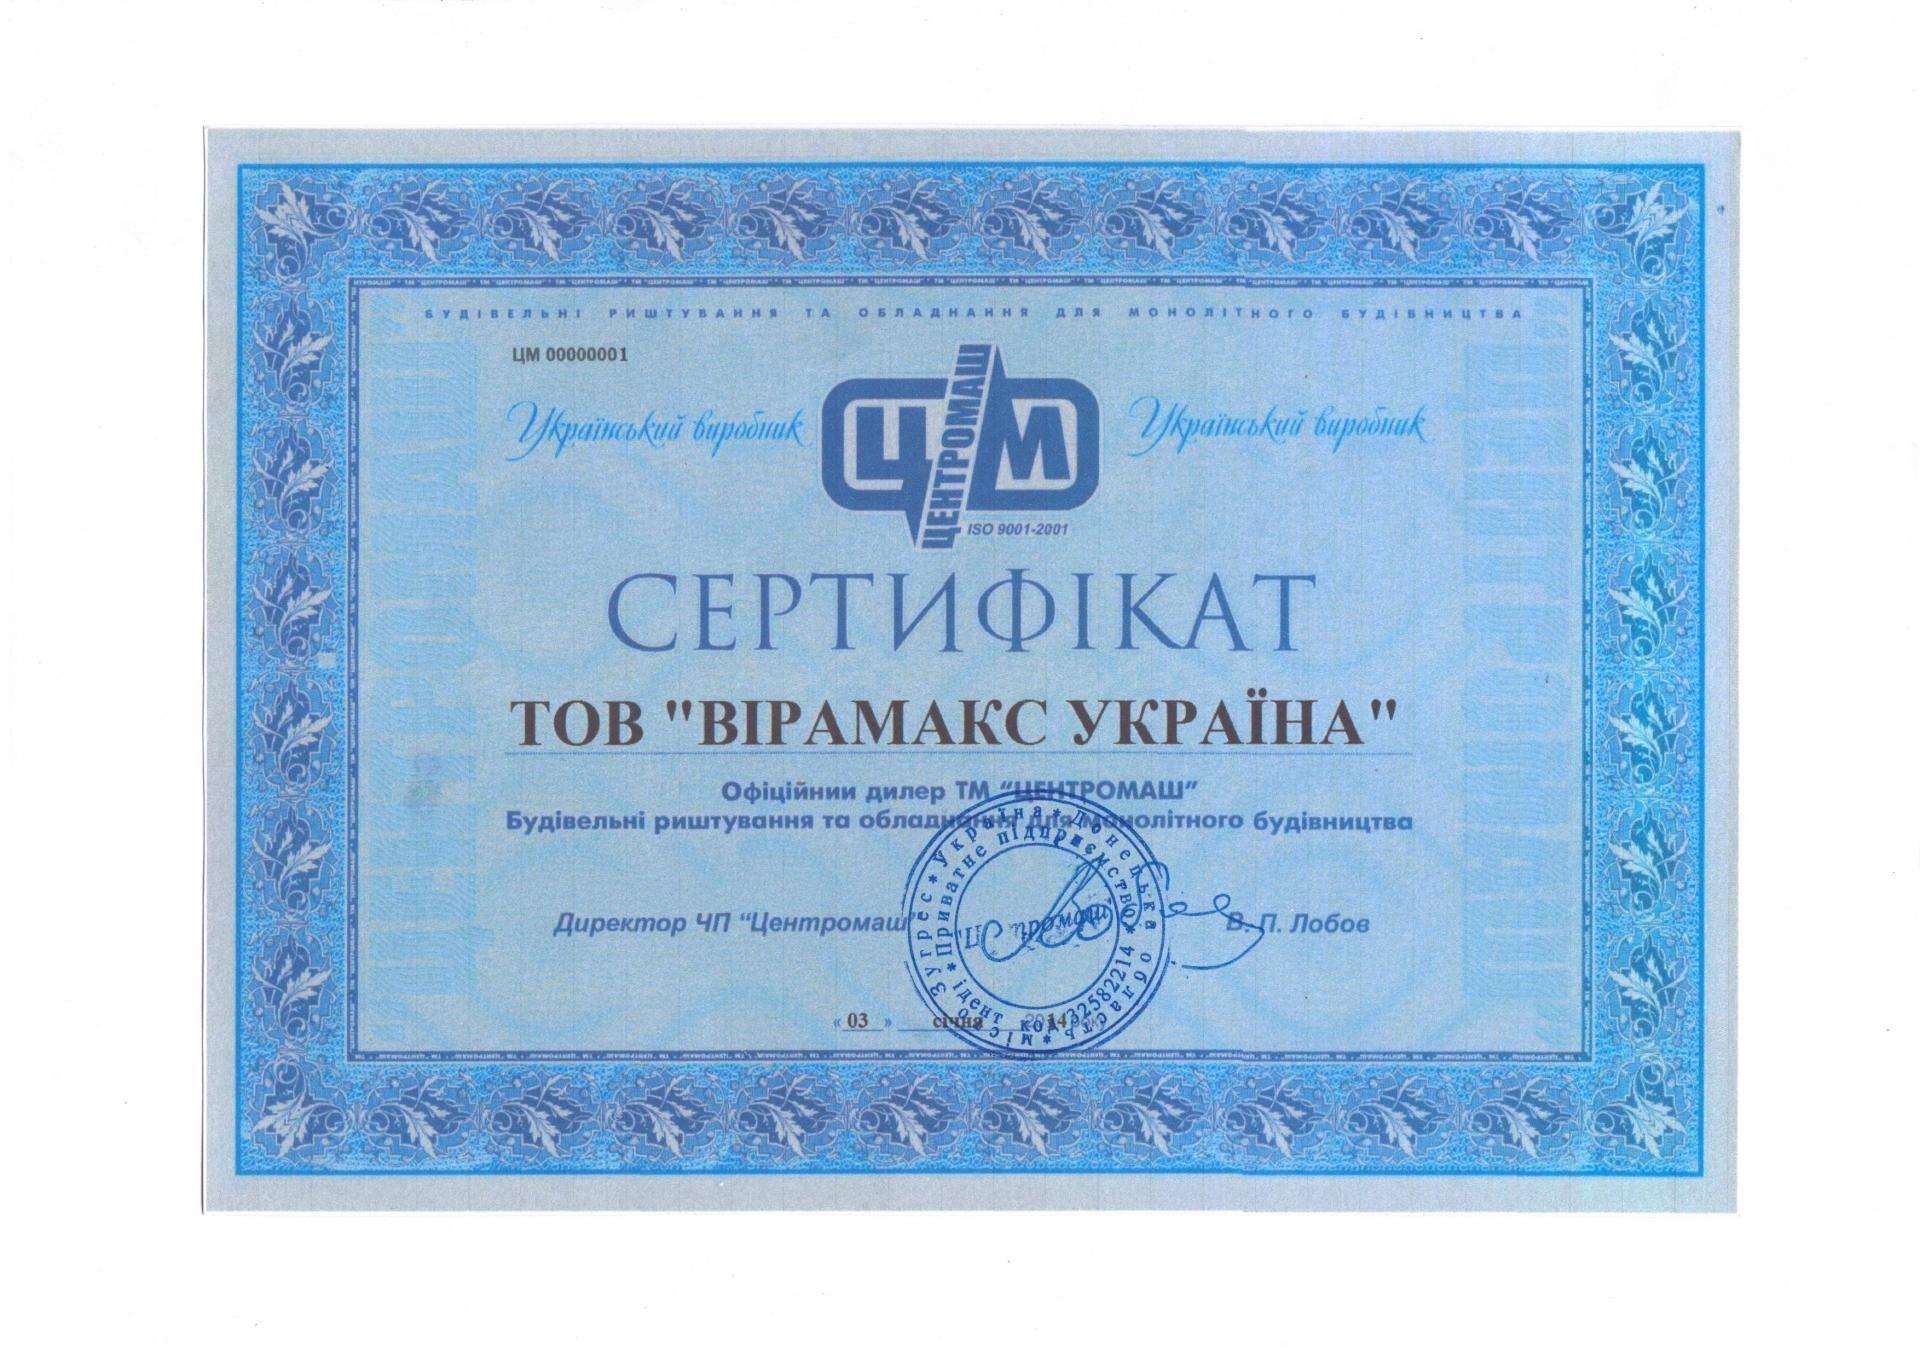 Официальный дилер ТМ Центромаш